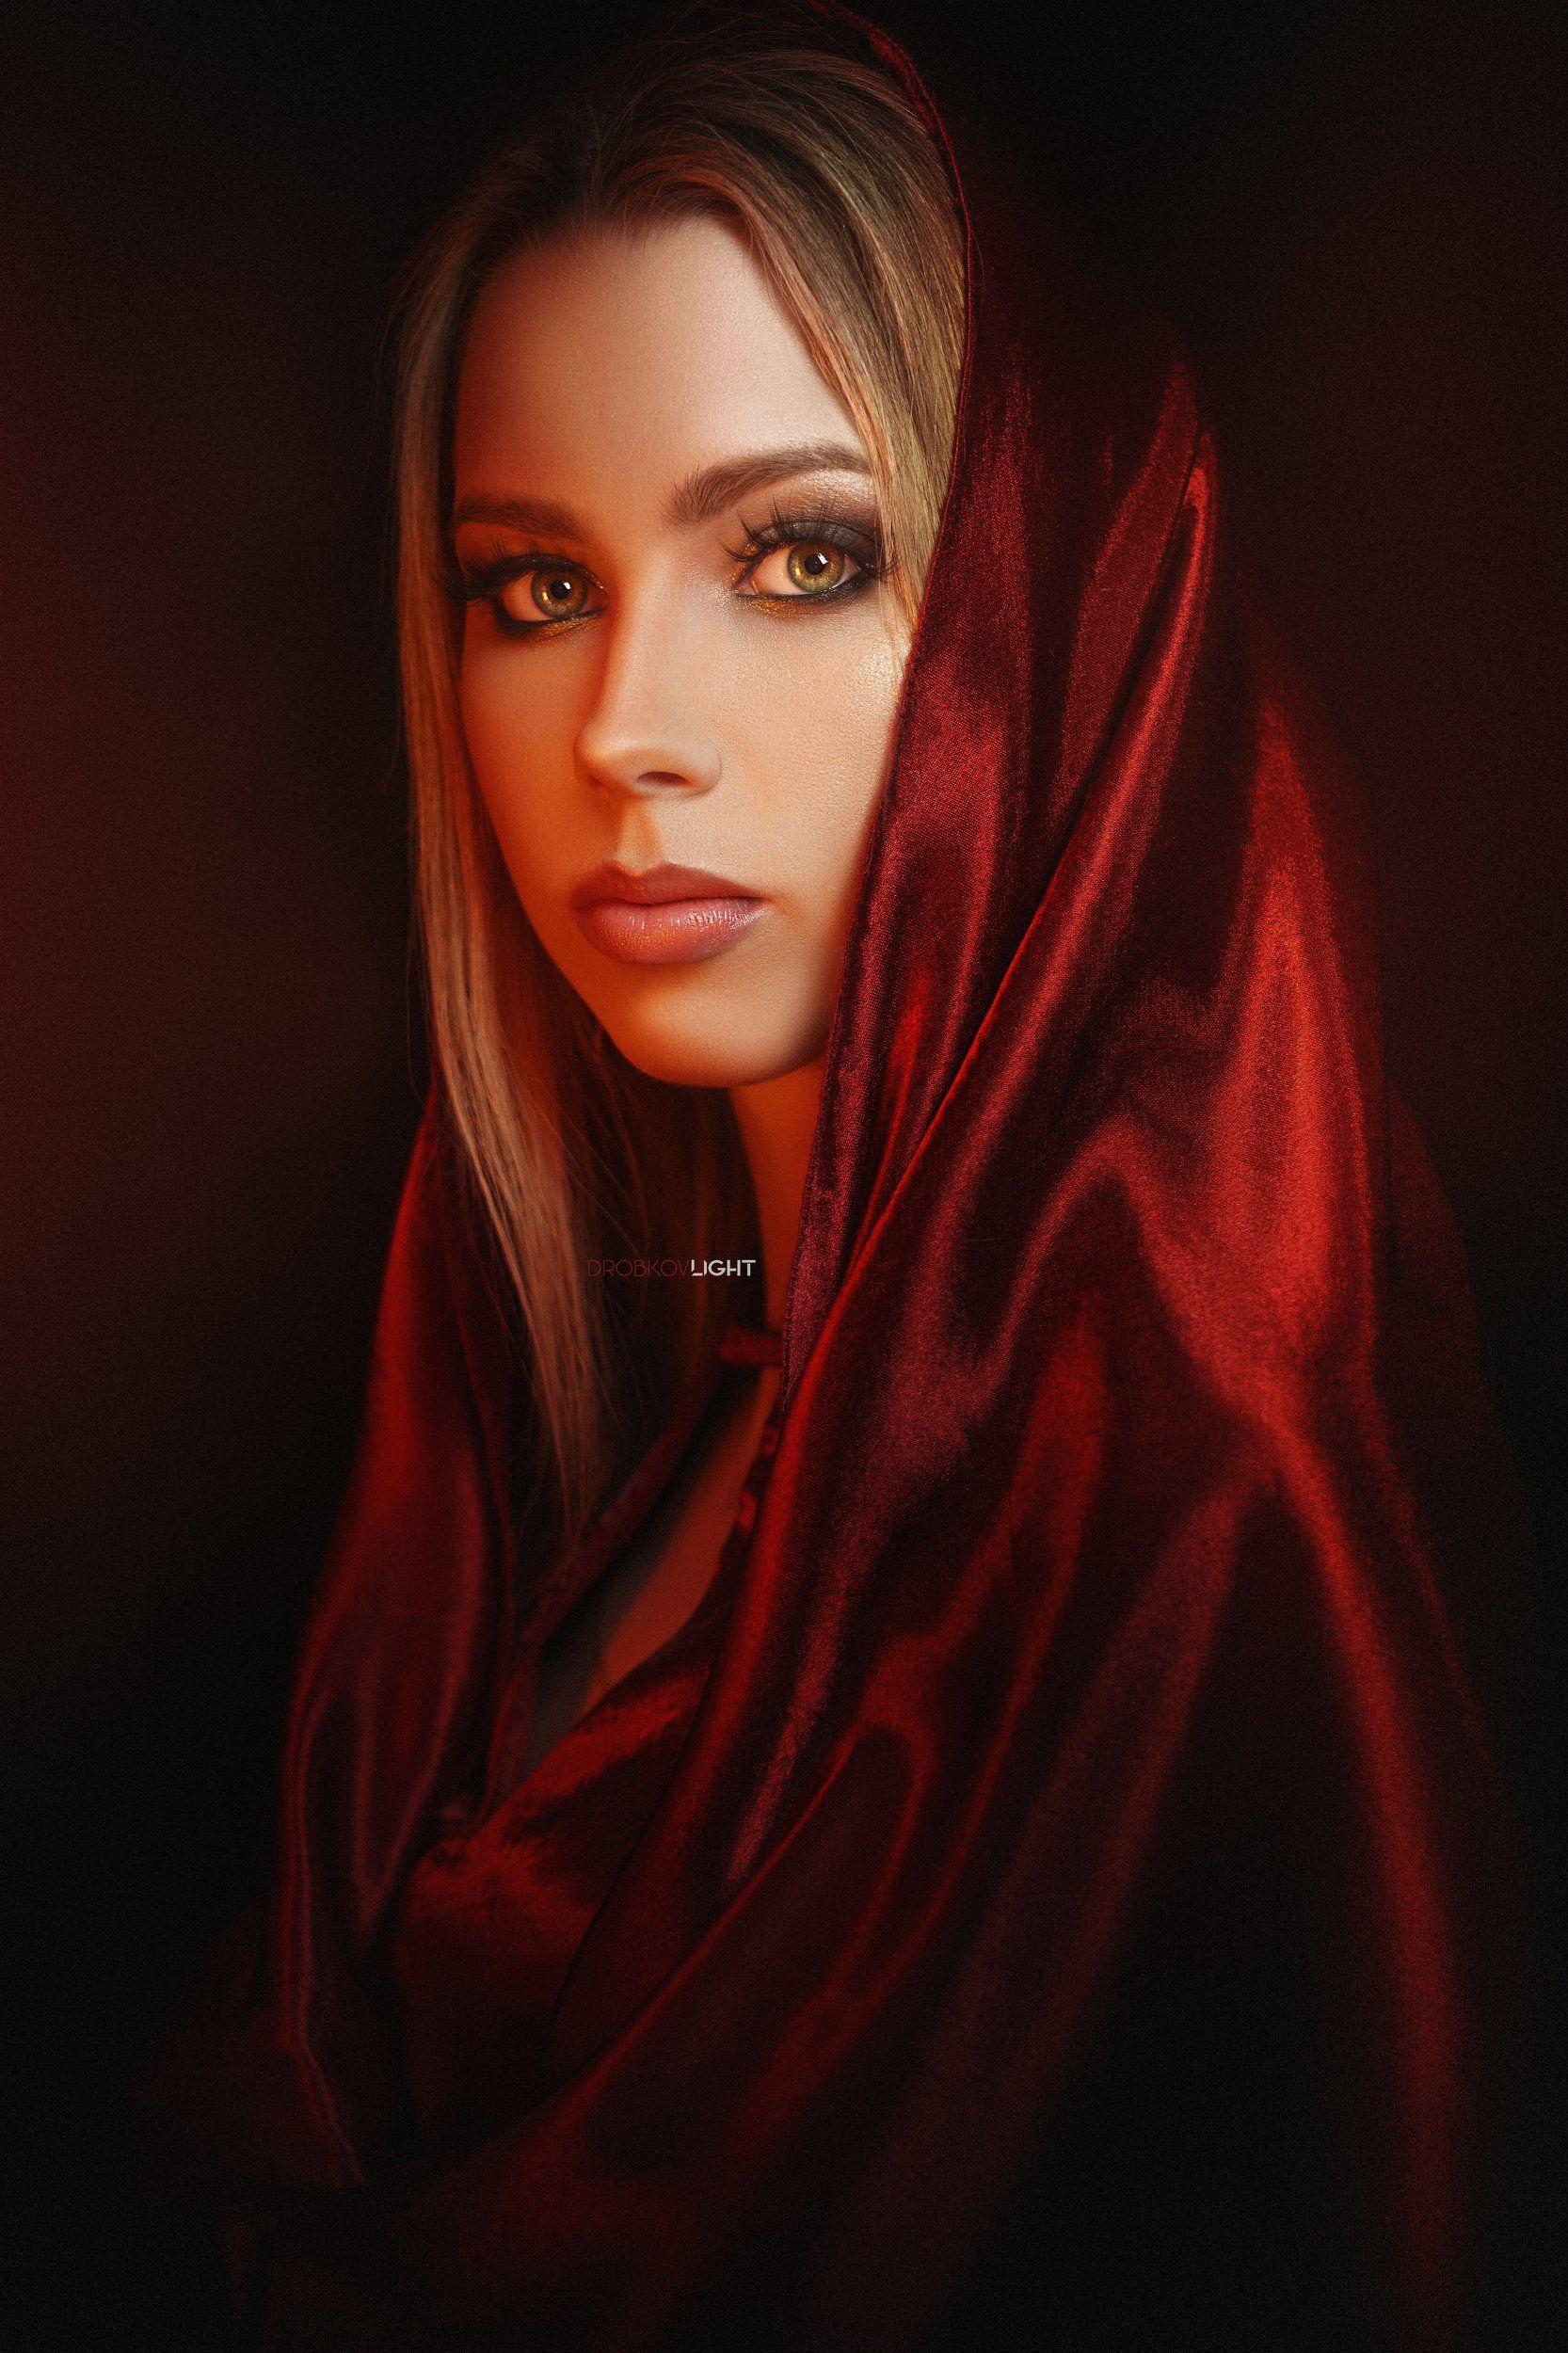 портрет, portrait, девушка, girl, макияж, хочуlightфото, DrobkovLight Alexander